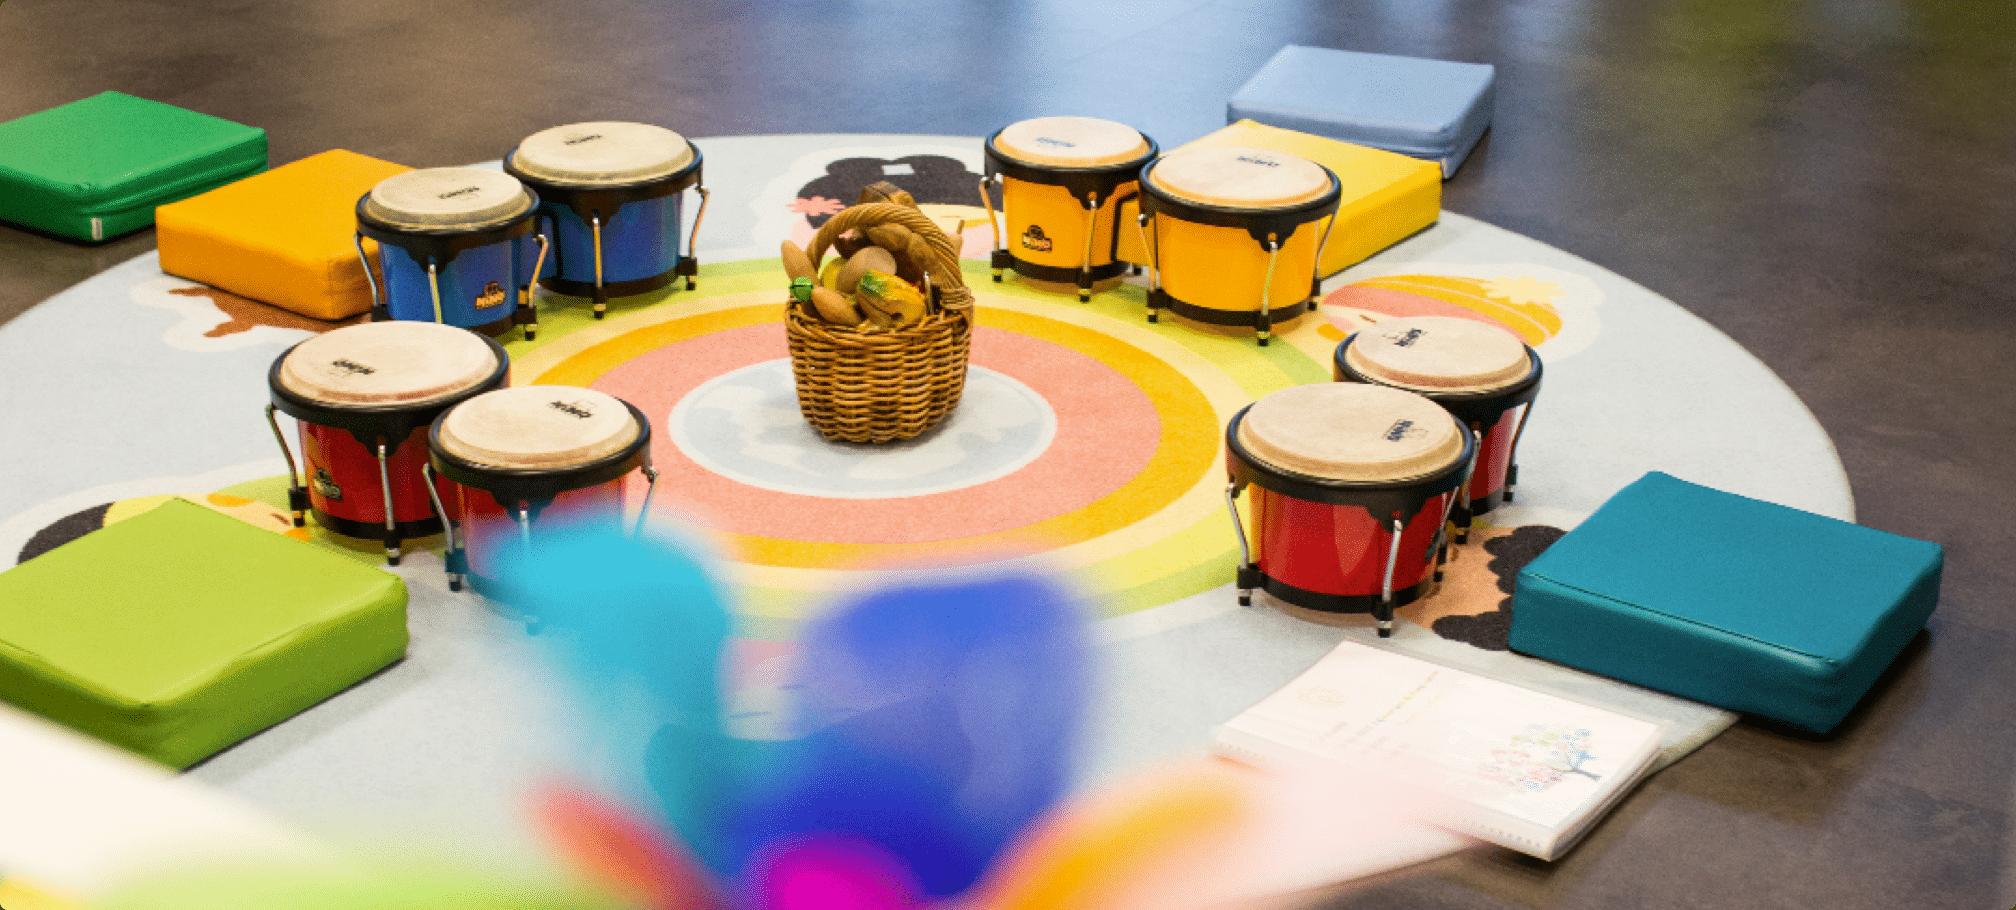 instruments-atelier-comptines-et-tambourins